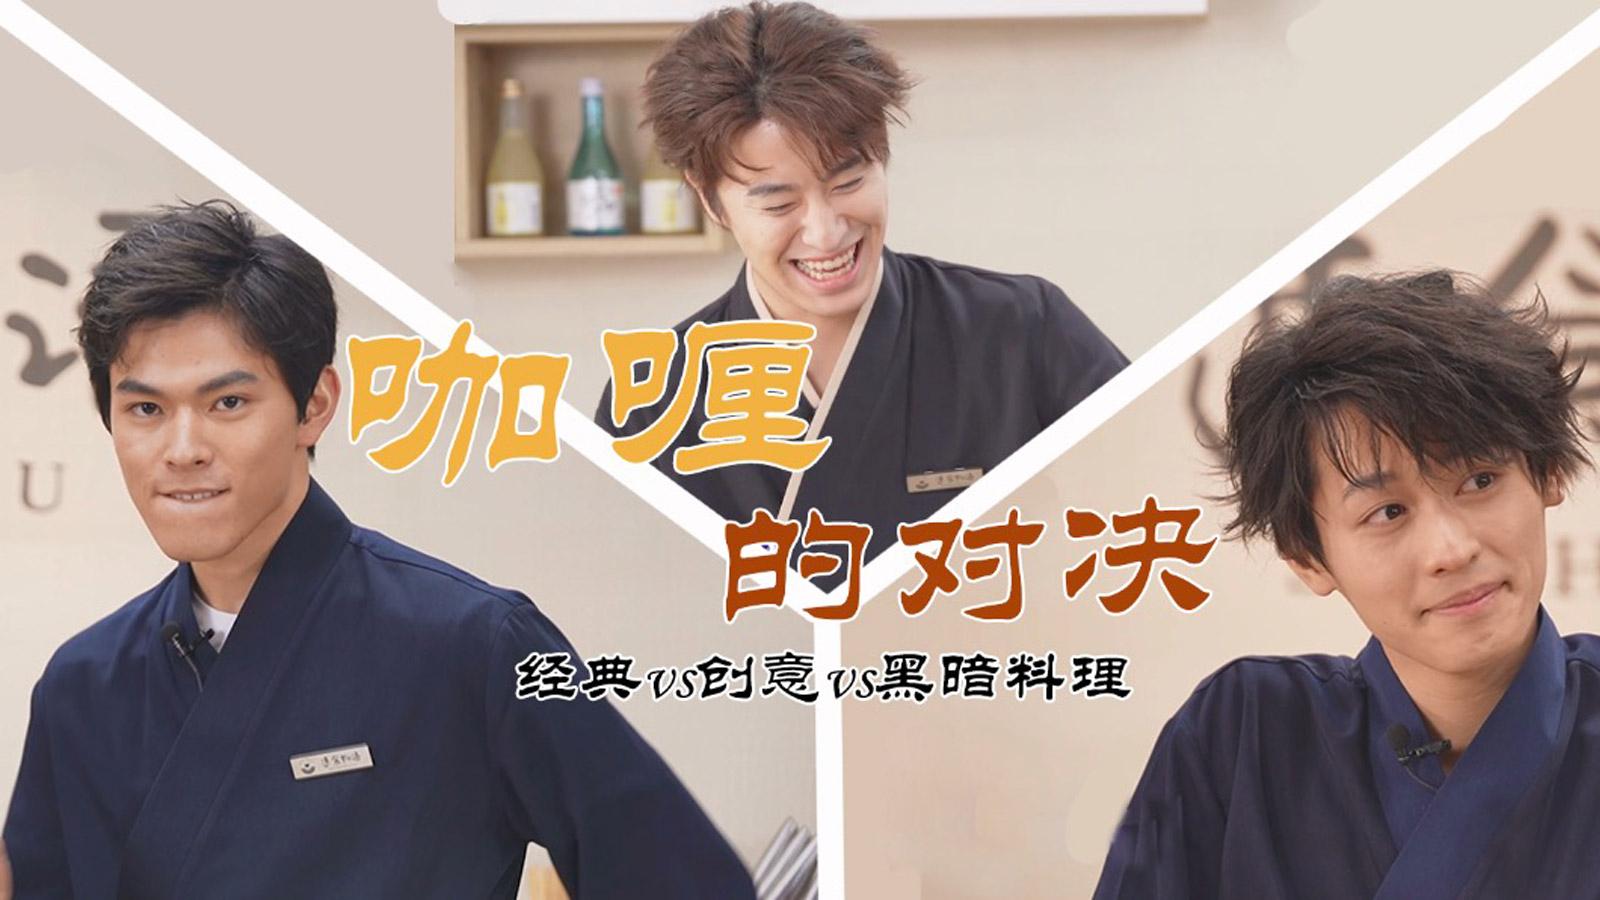 第一次做咖喱的小林亮太为何委屈的红了眼眶?北海道汤咖喱vs经典牛肉咖喱vs绿蔬菜咖喱